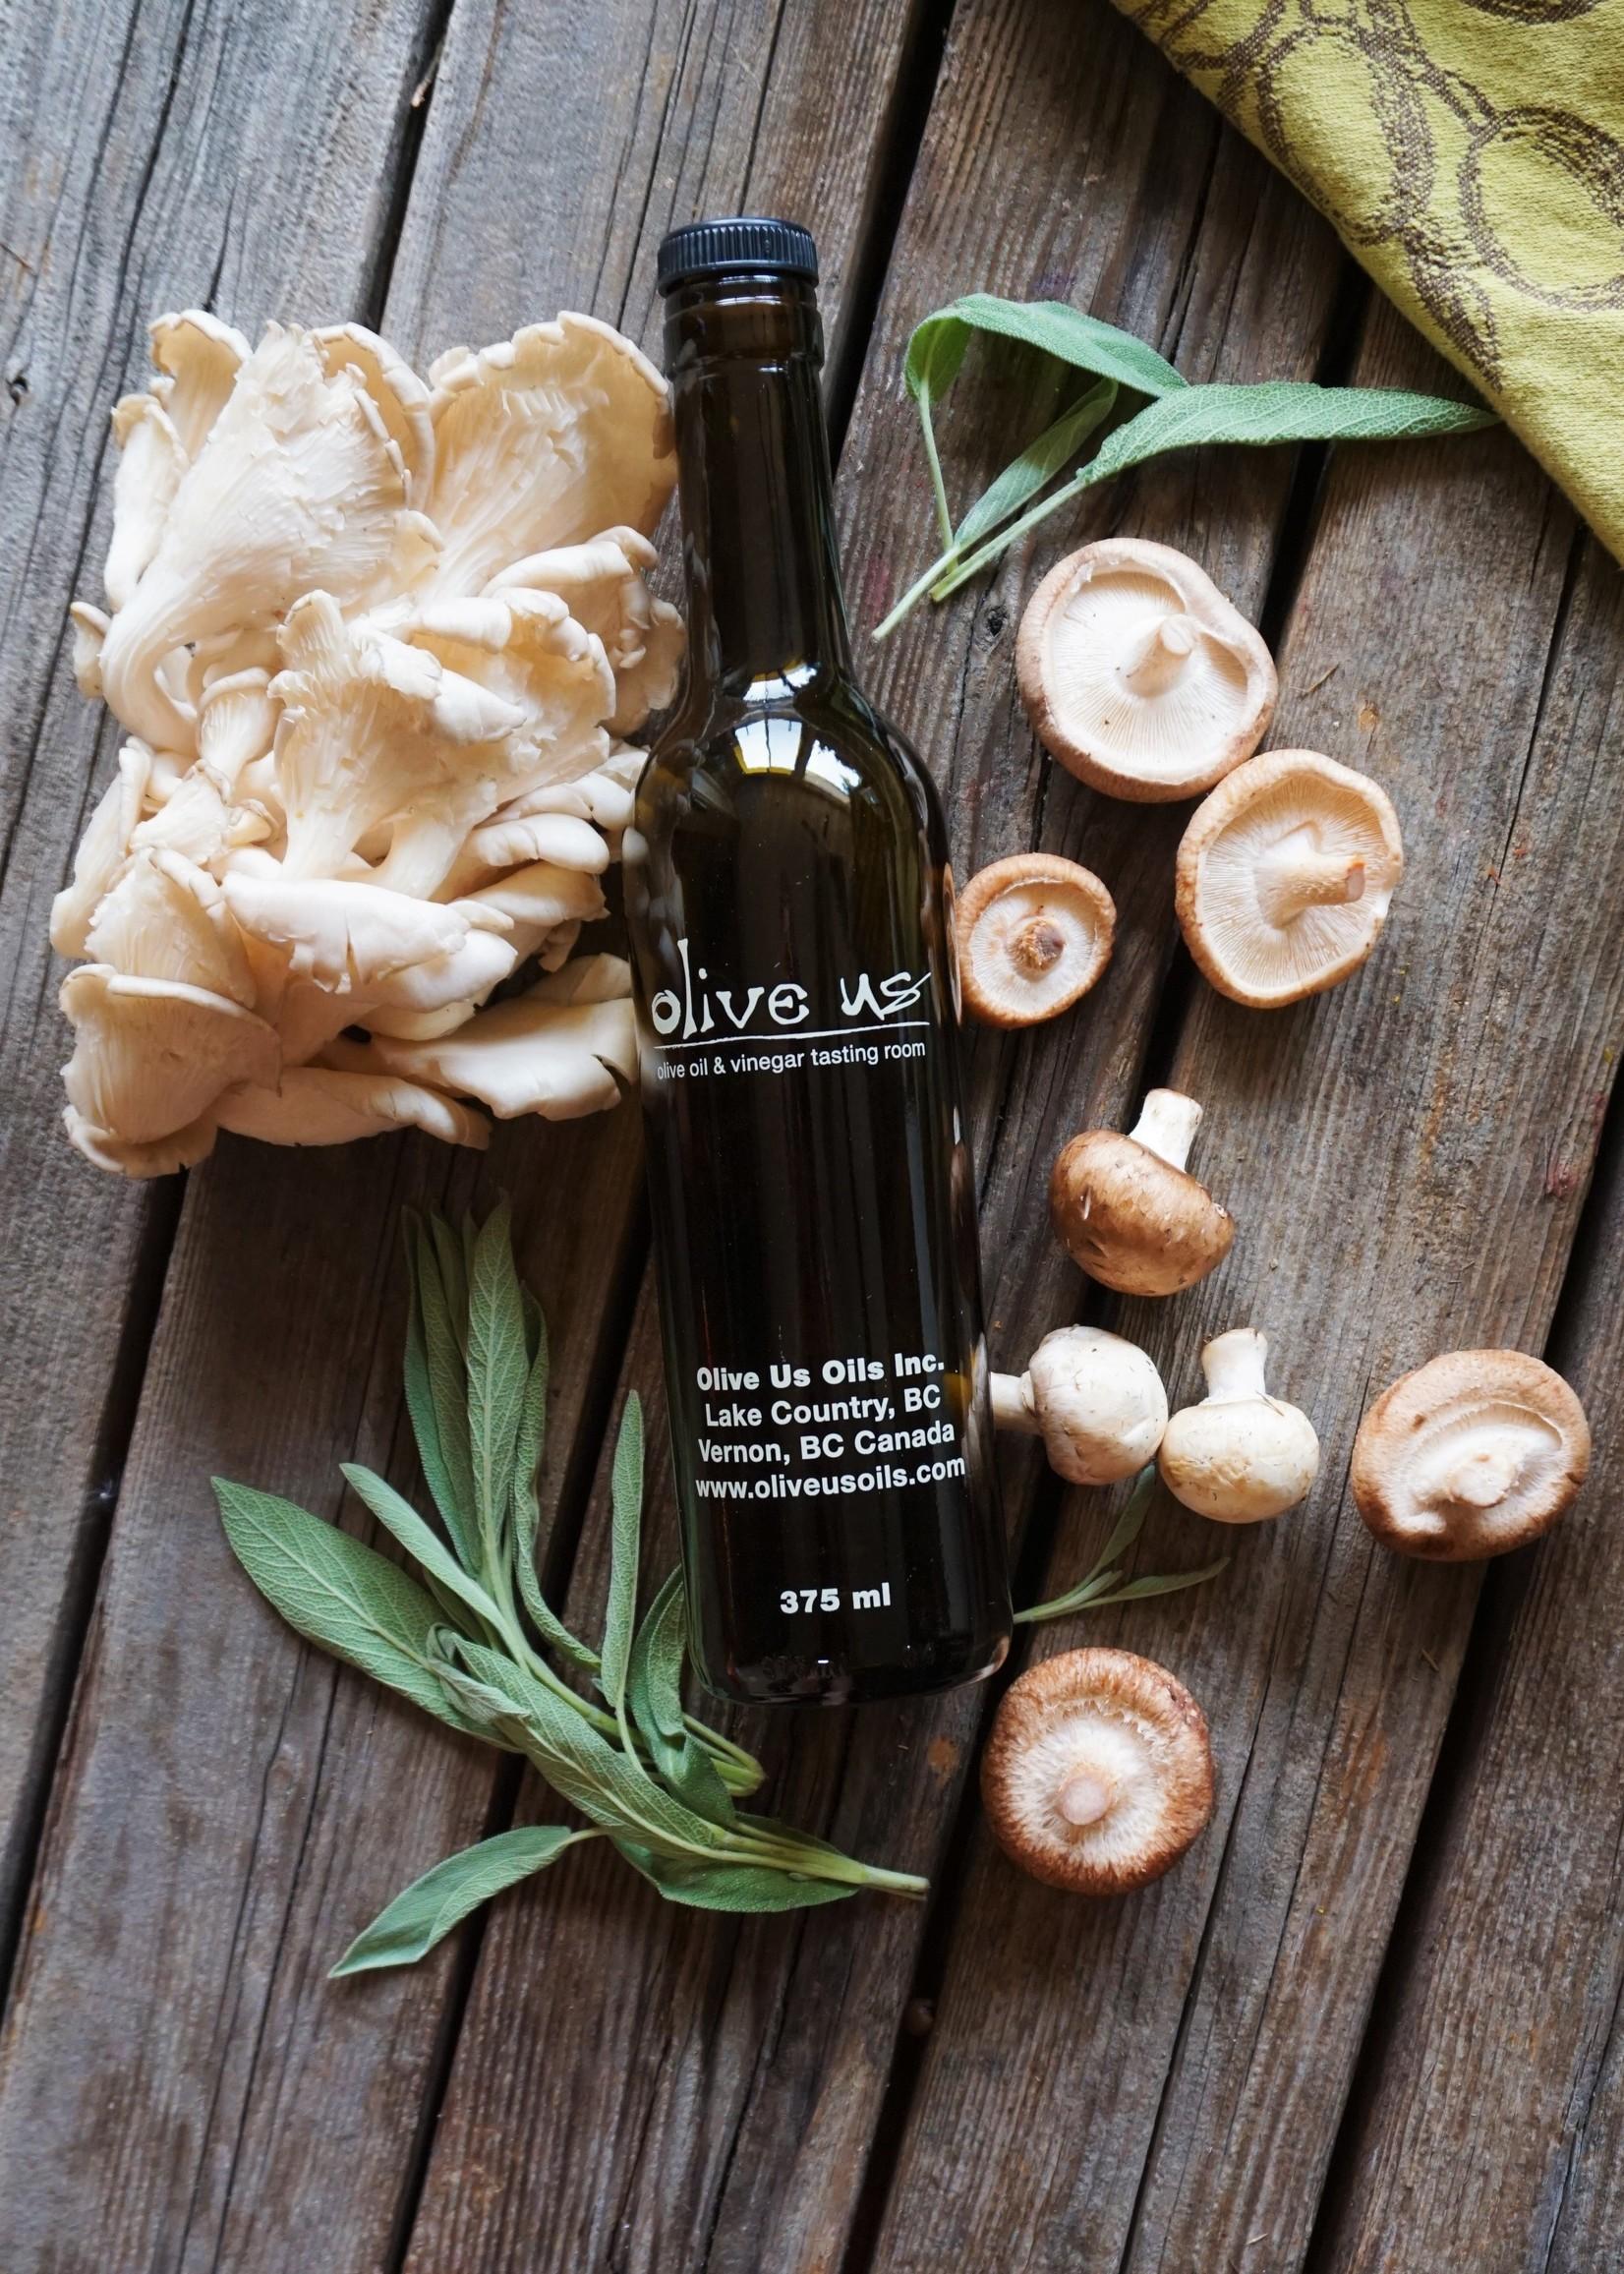 Olive Us Wild Mushroom and Sage Olive Oil